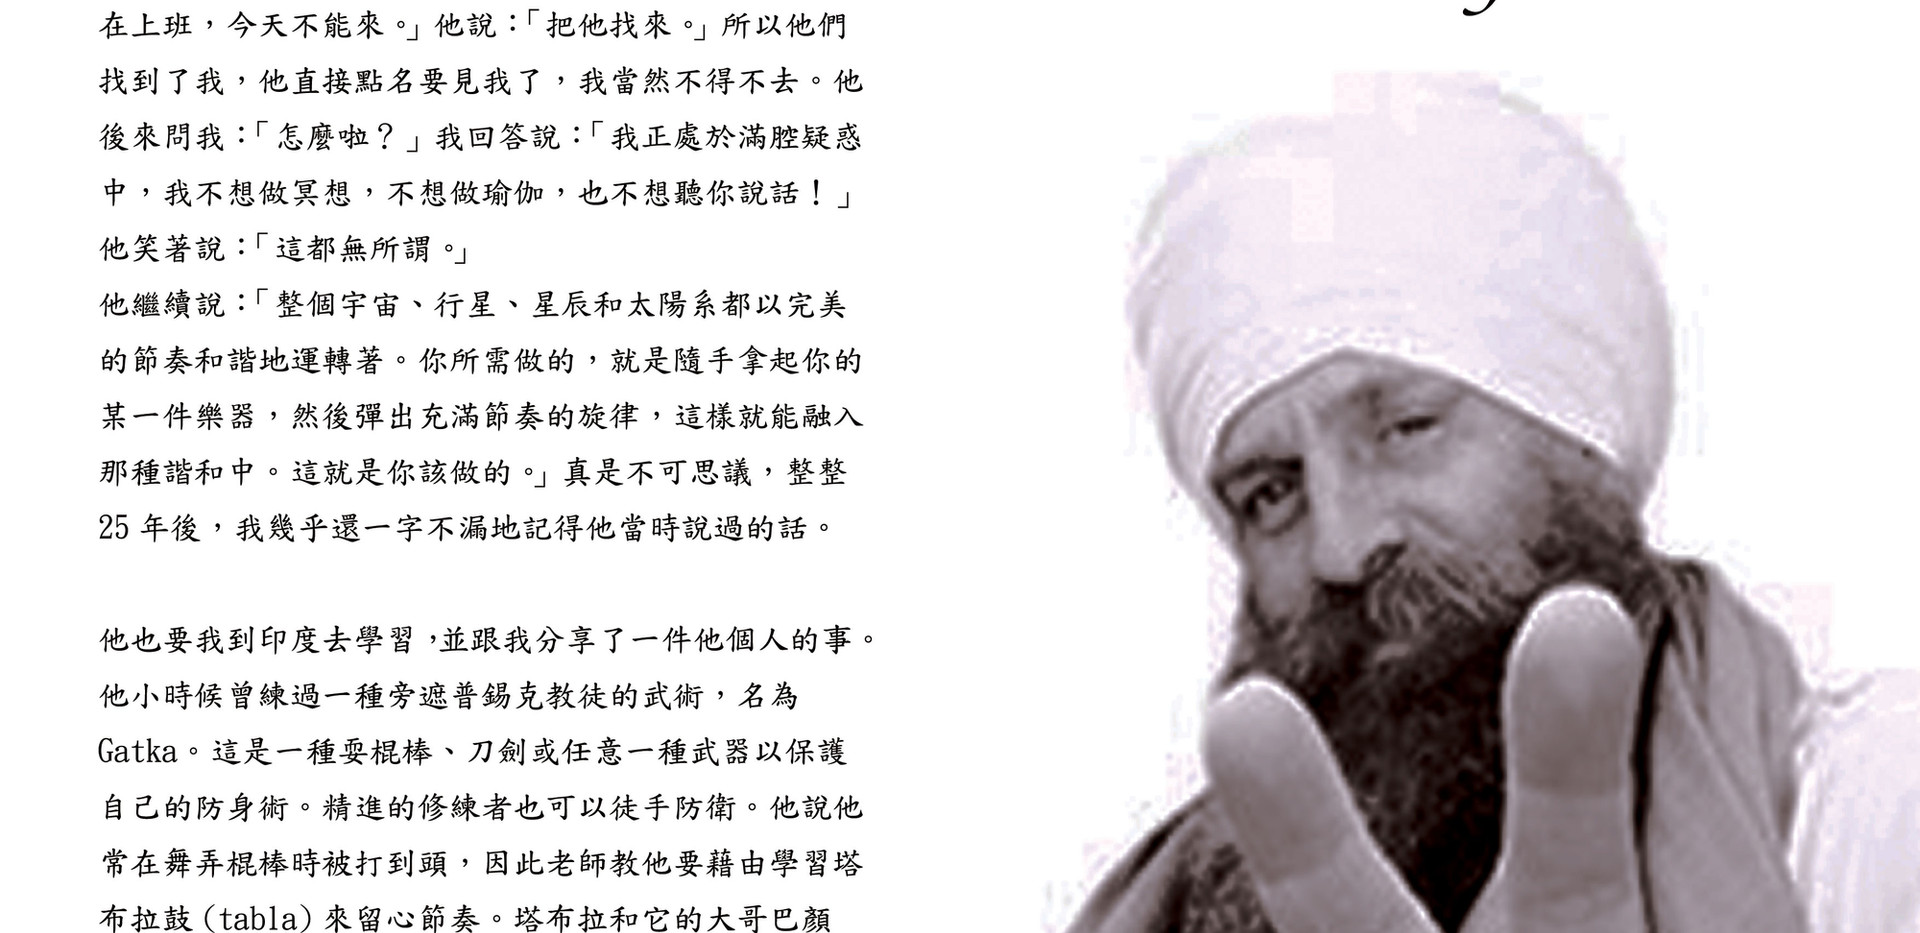 故事-中文版1.jpg